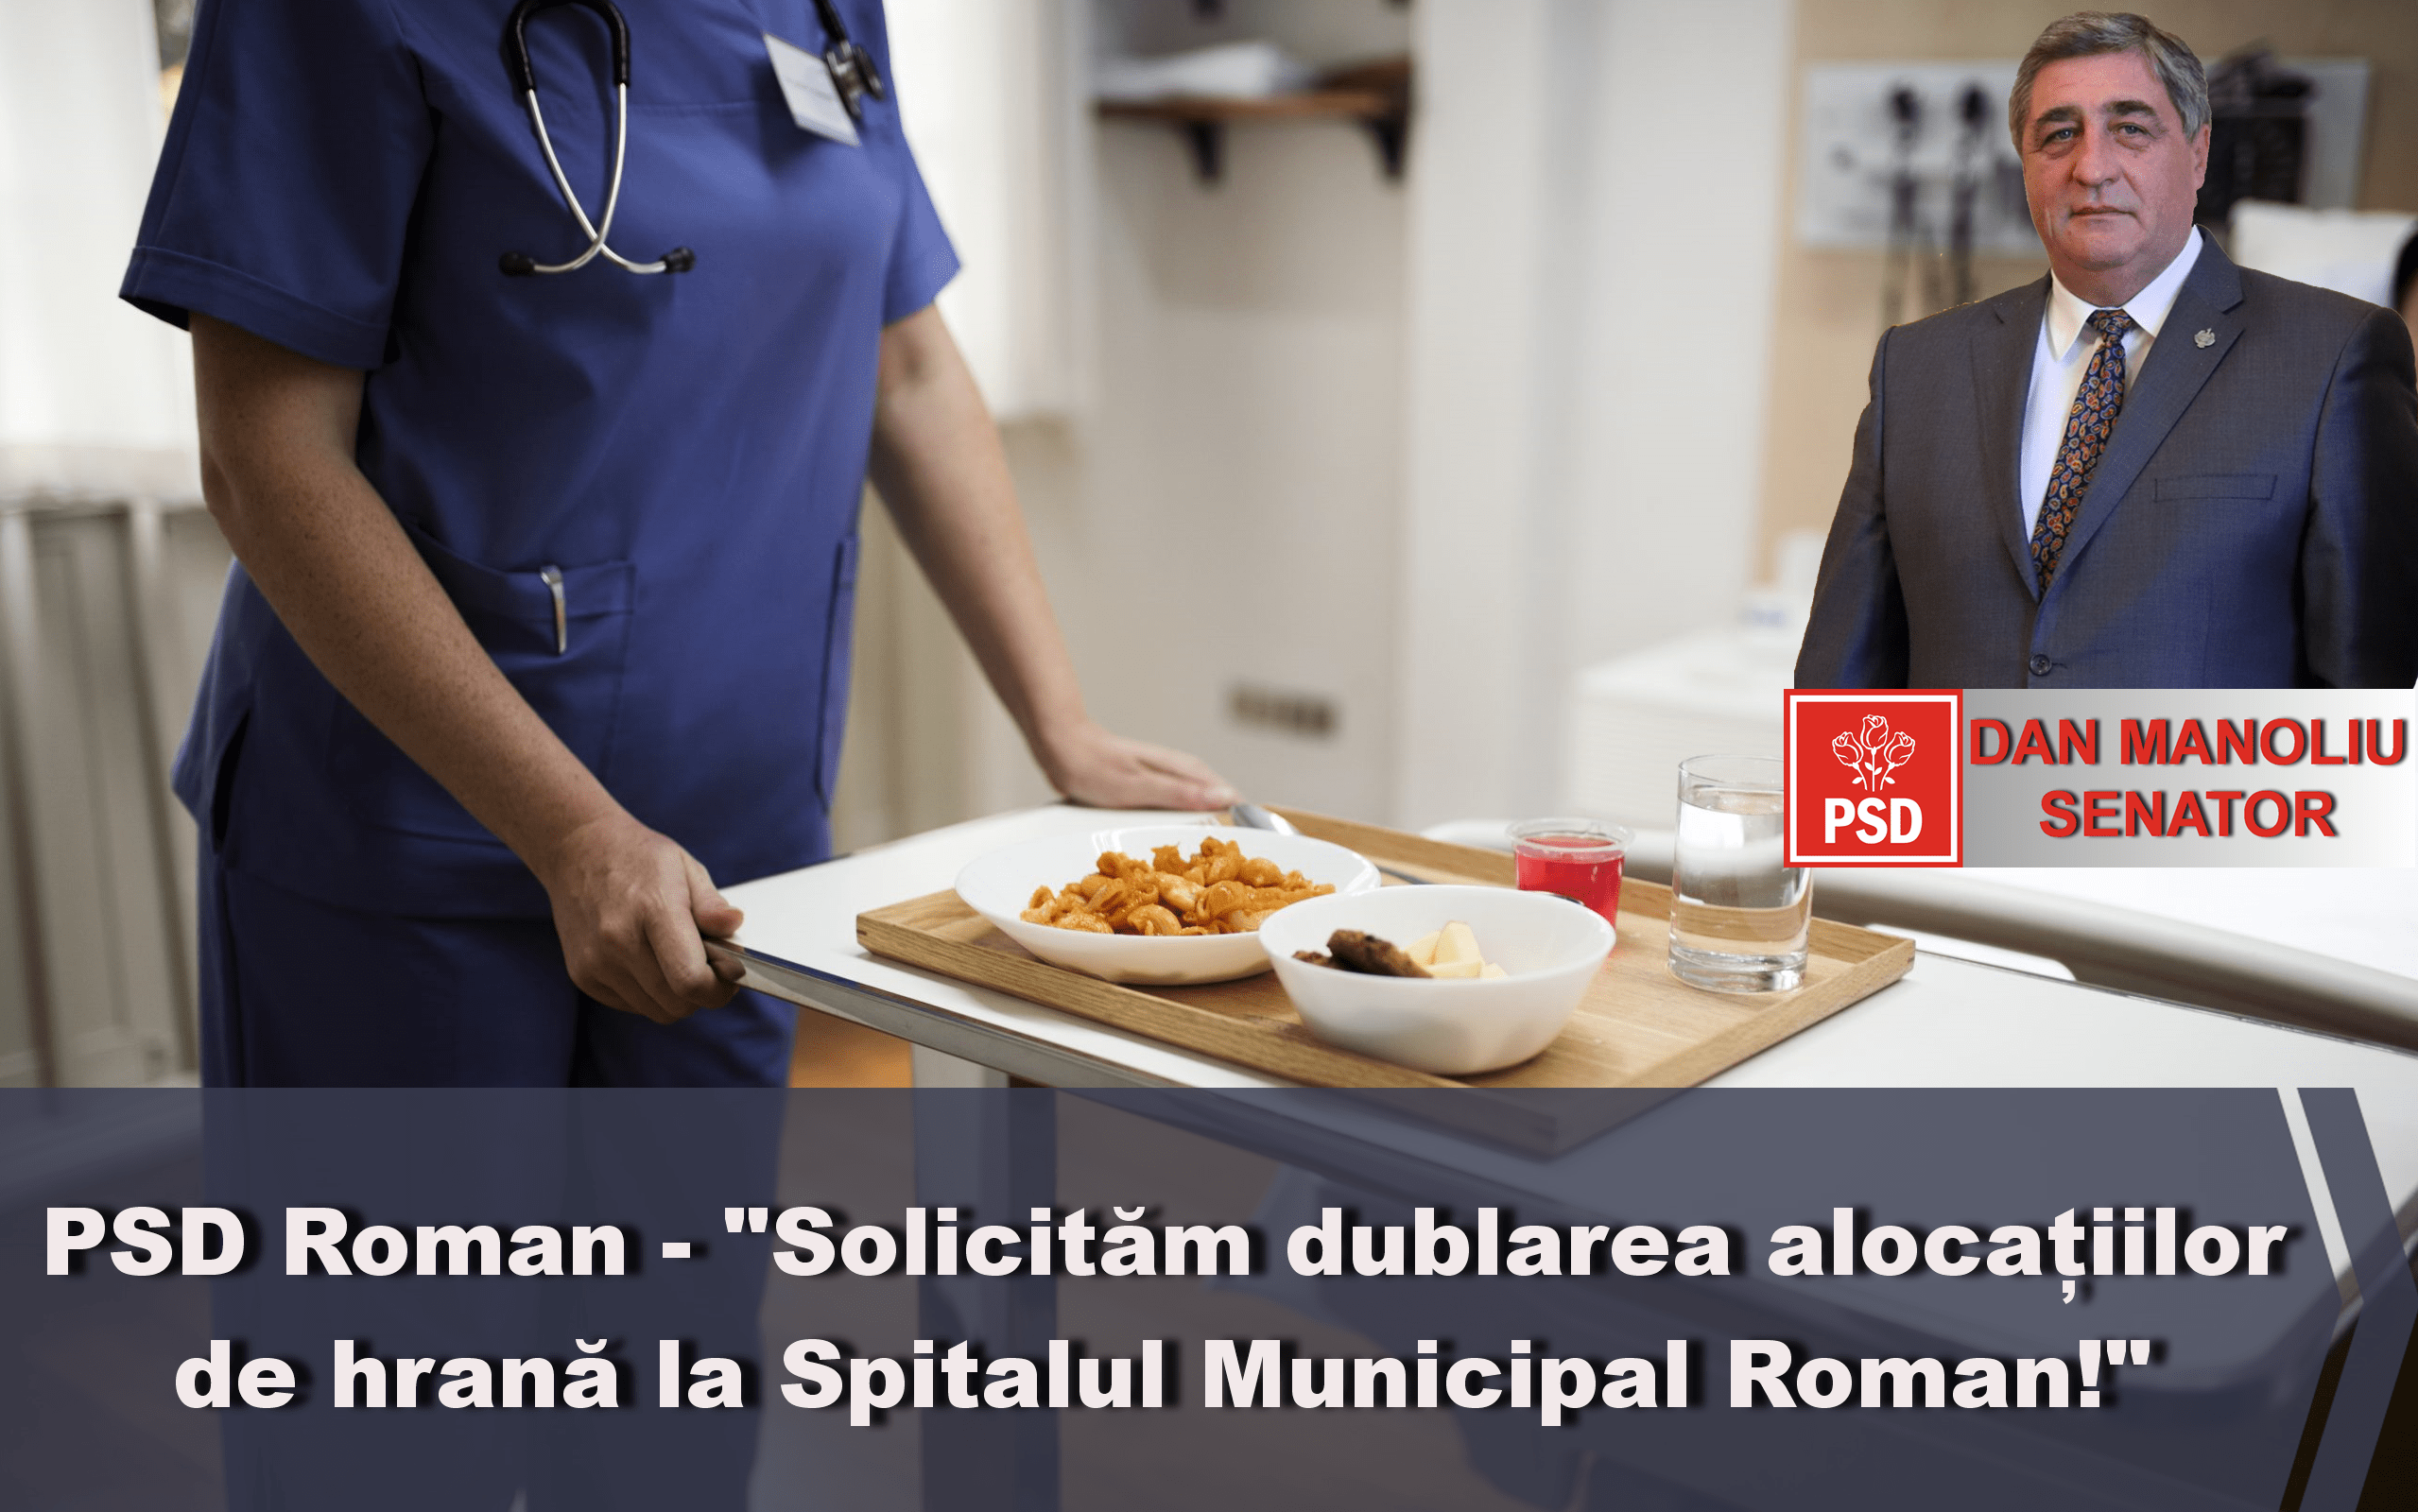 """Senatorul Dan Manoliu: """"Solicităm dublarea alocațiilor de hrană la Spitalul Municipal Roman"""""""